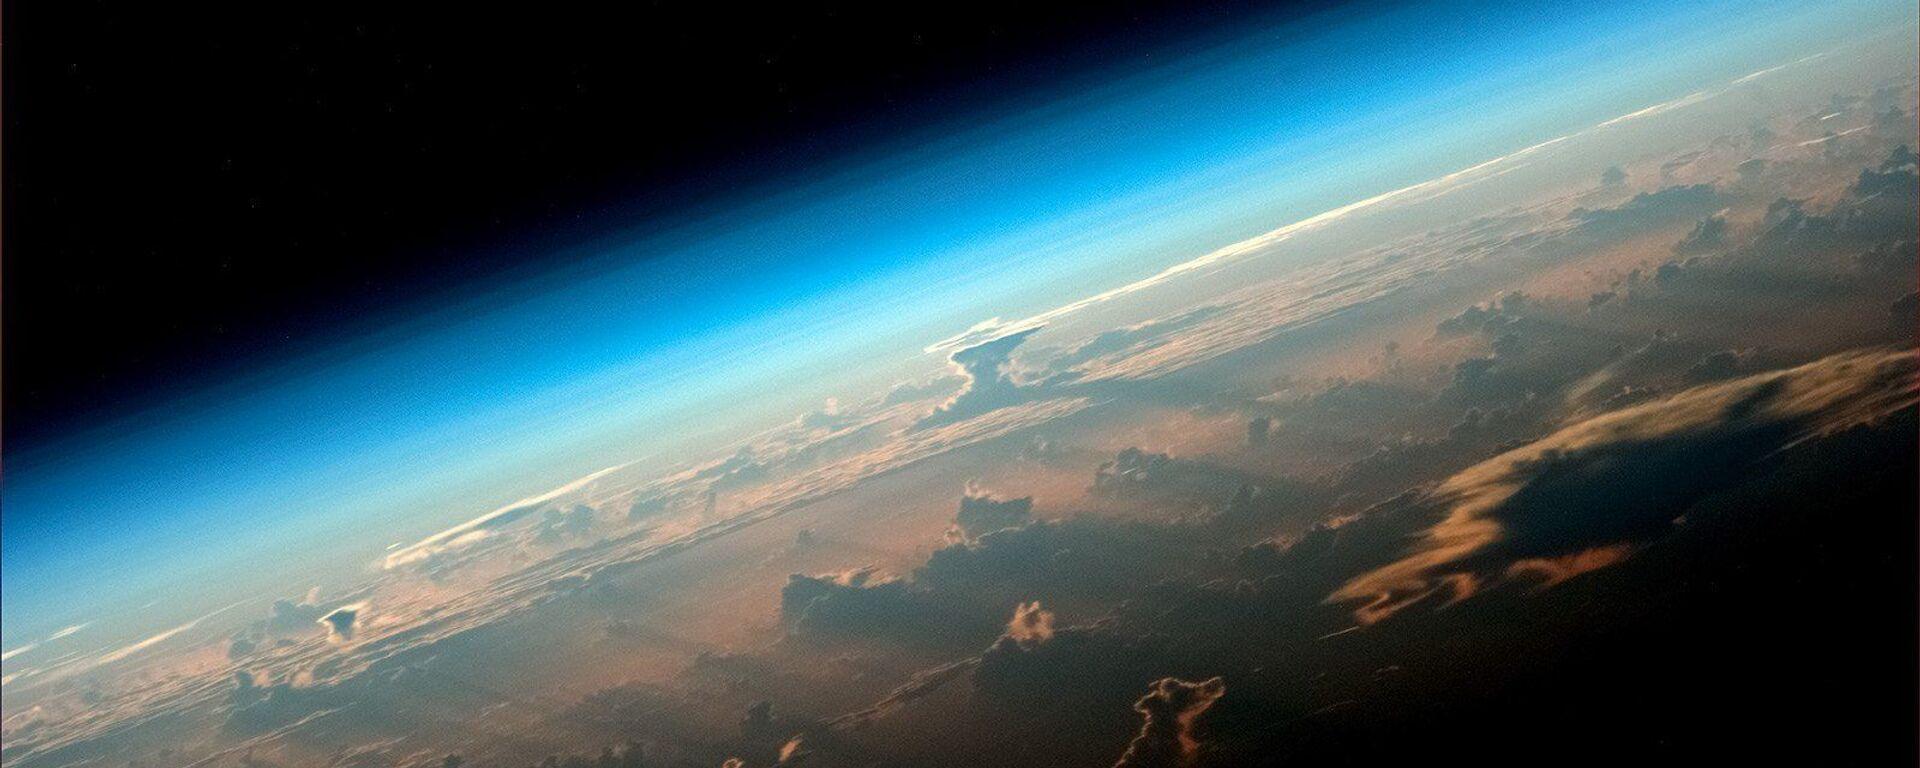 Вид на Землю с борта МКС снятый космонавтом Роскосмоса Олегом Артемьевым - Sputnik Грузия, 1920, 27.08.2021